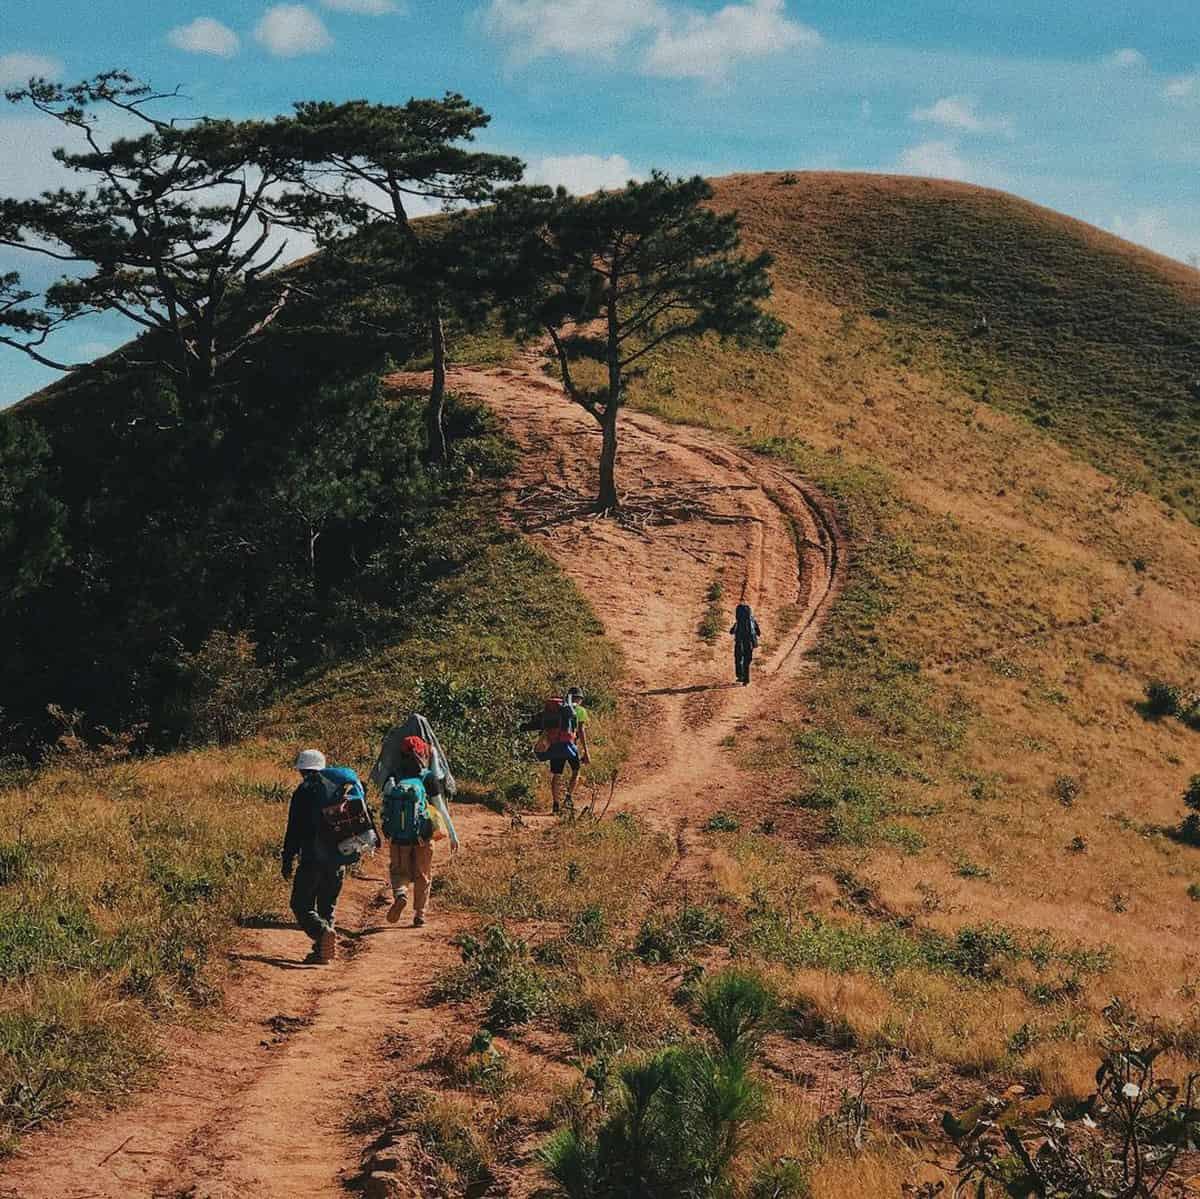 Cung đường trekking Tà Năng Phan Dũng